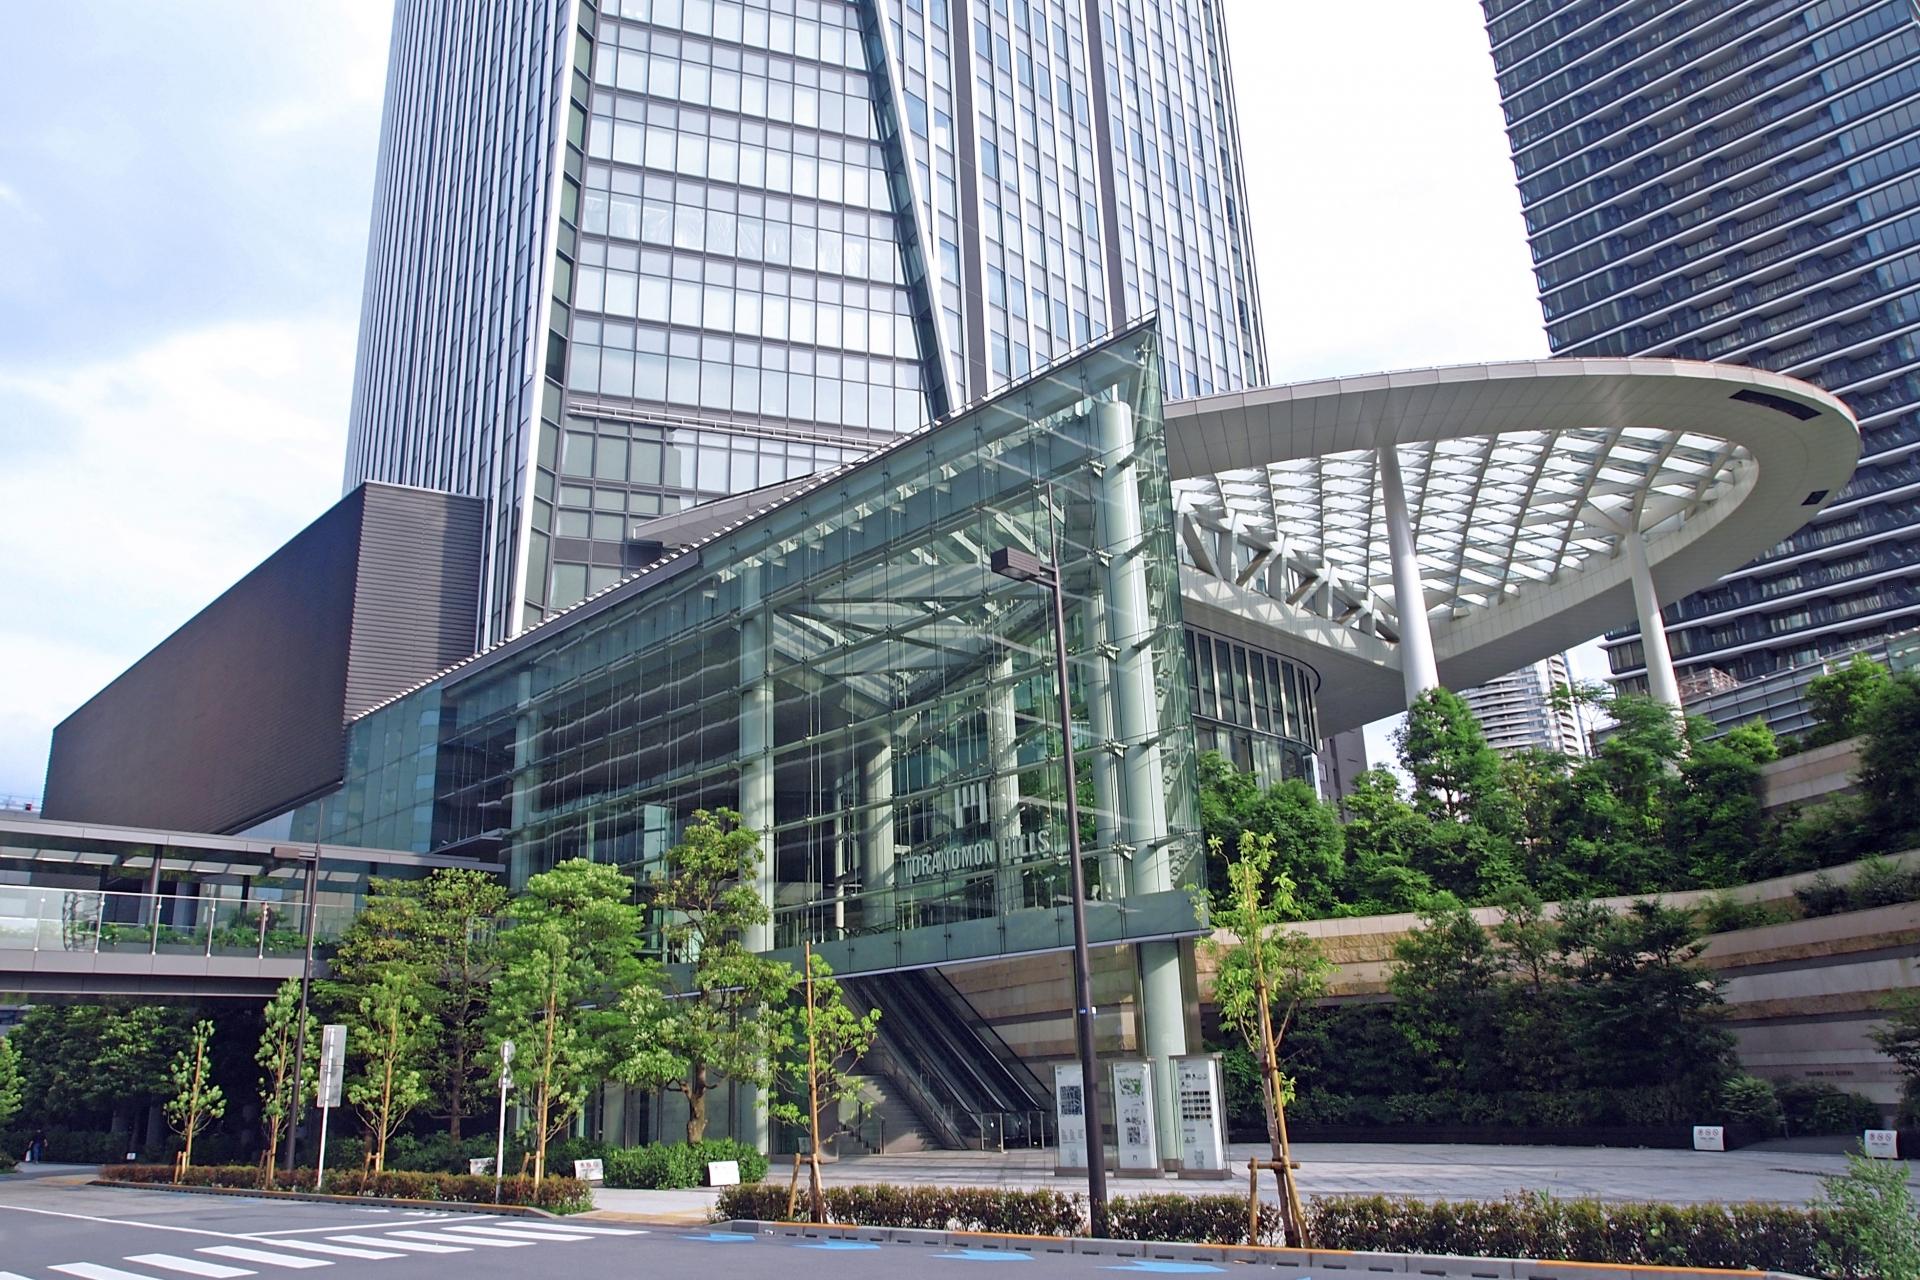 2020年東京23区商業地基準地価の明暗~2019年上昇率上位エリアとの比較~